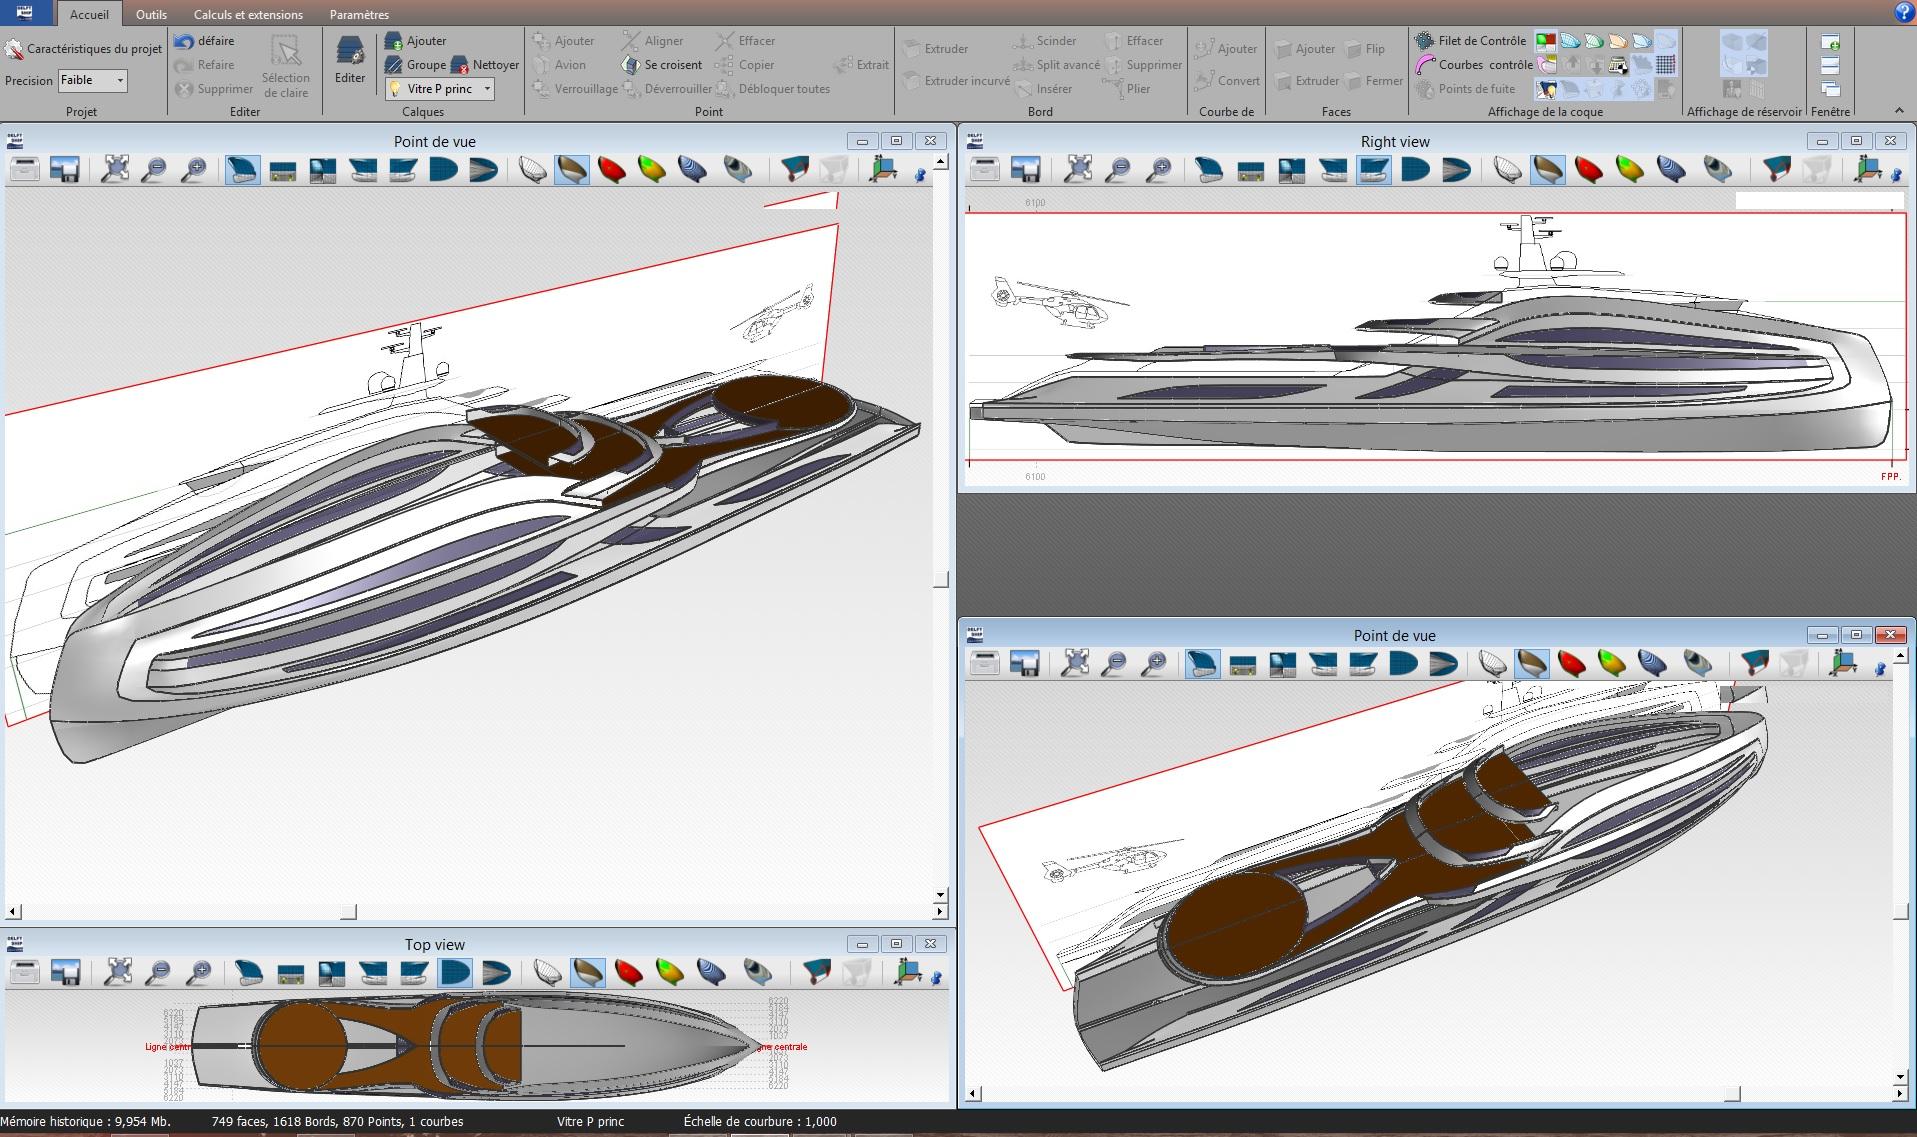 Xbow mega yacht - Page 3 1901020908485350416057353